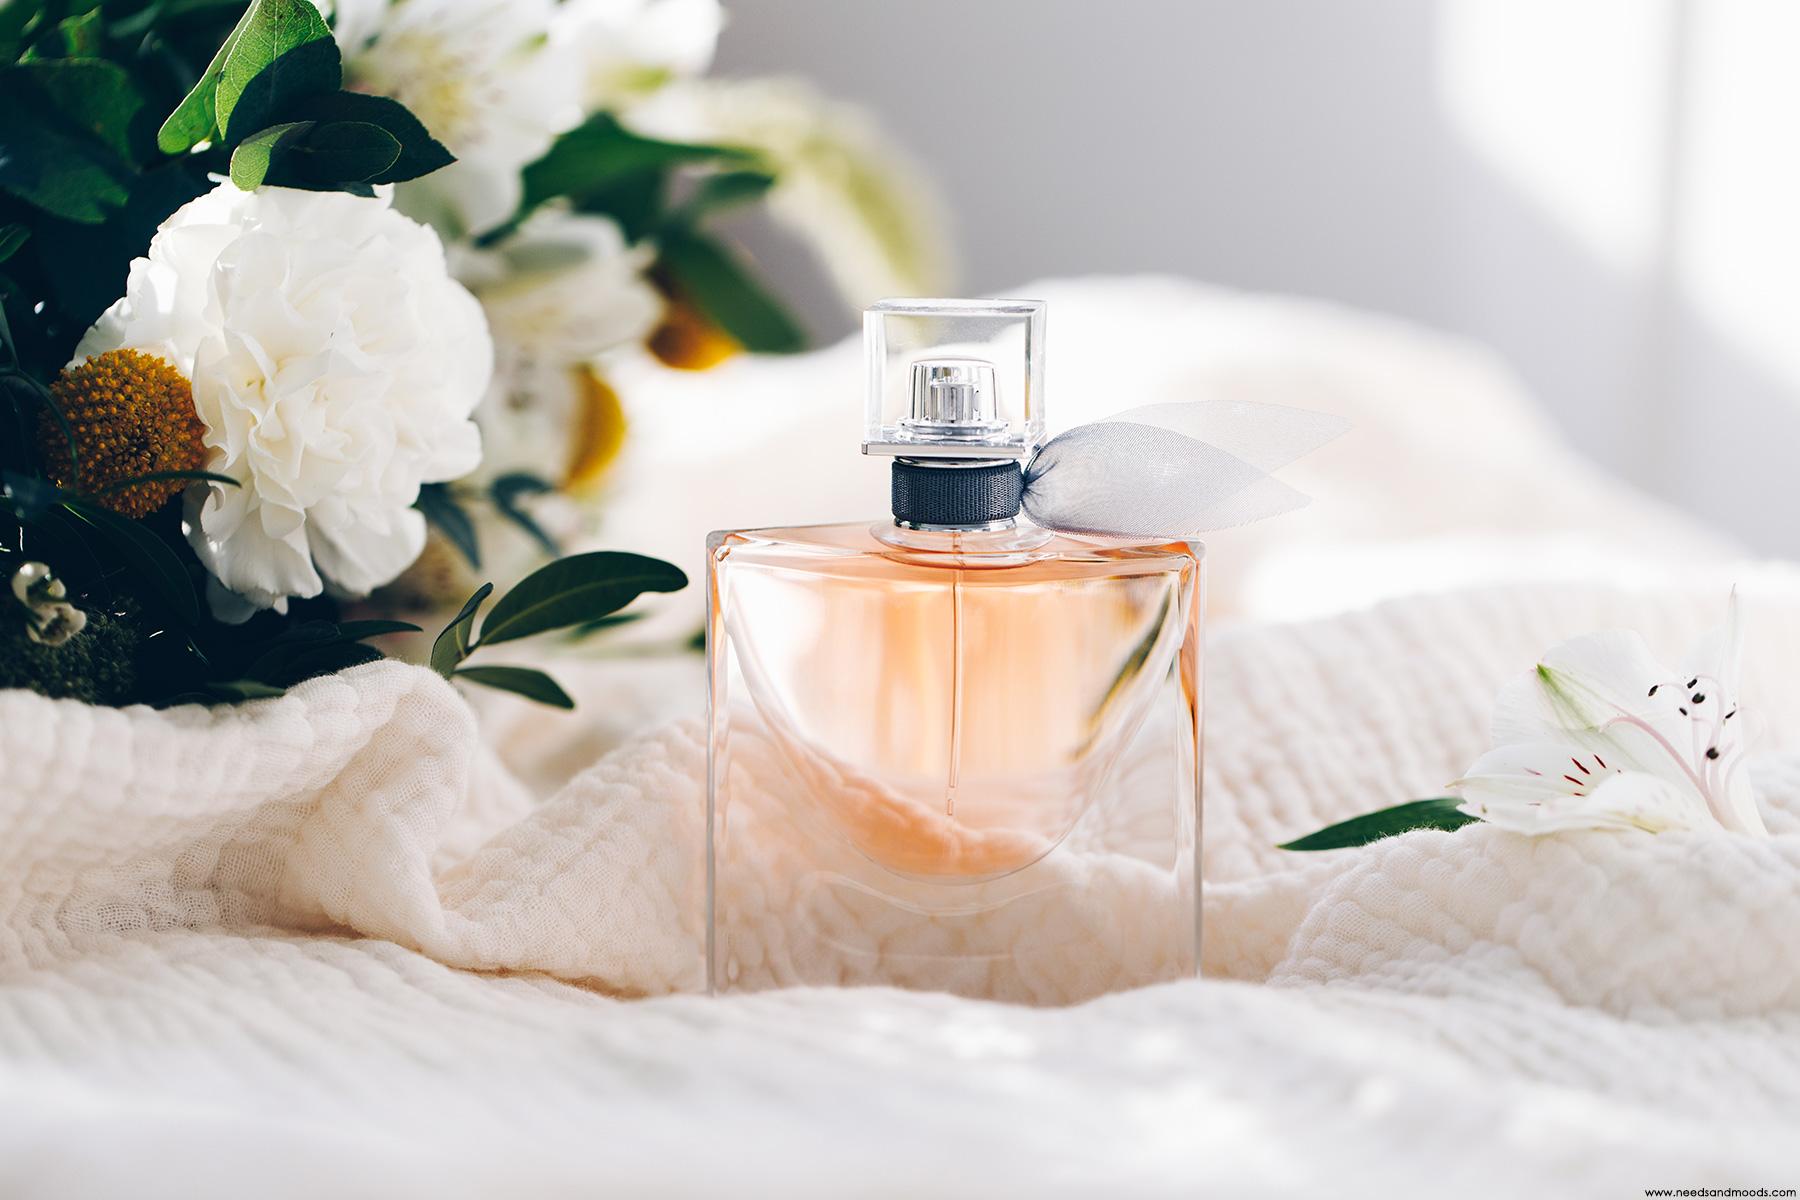 lancome coffret parfum fete meres